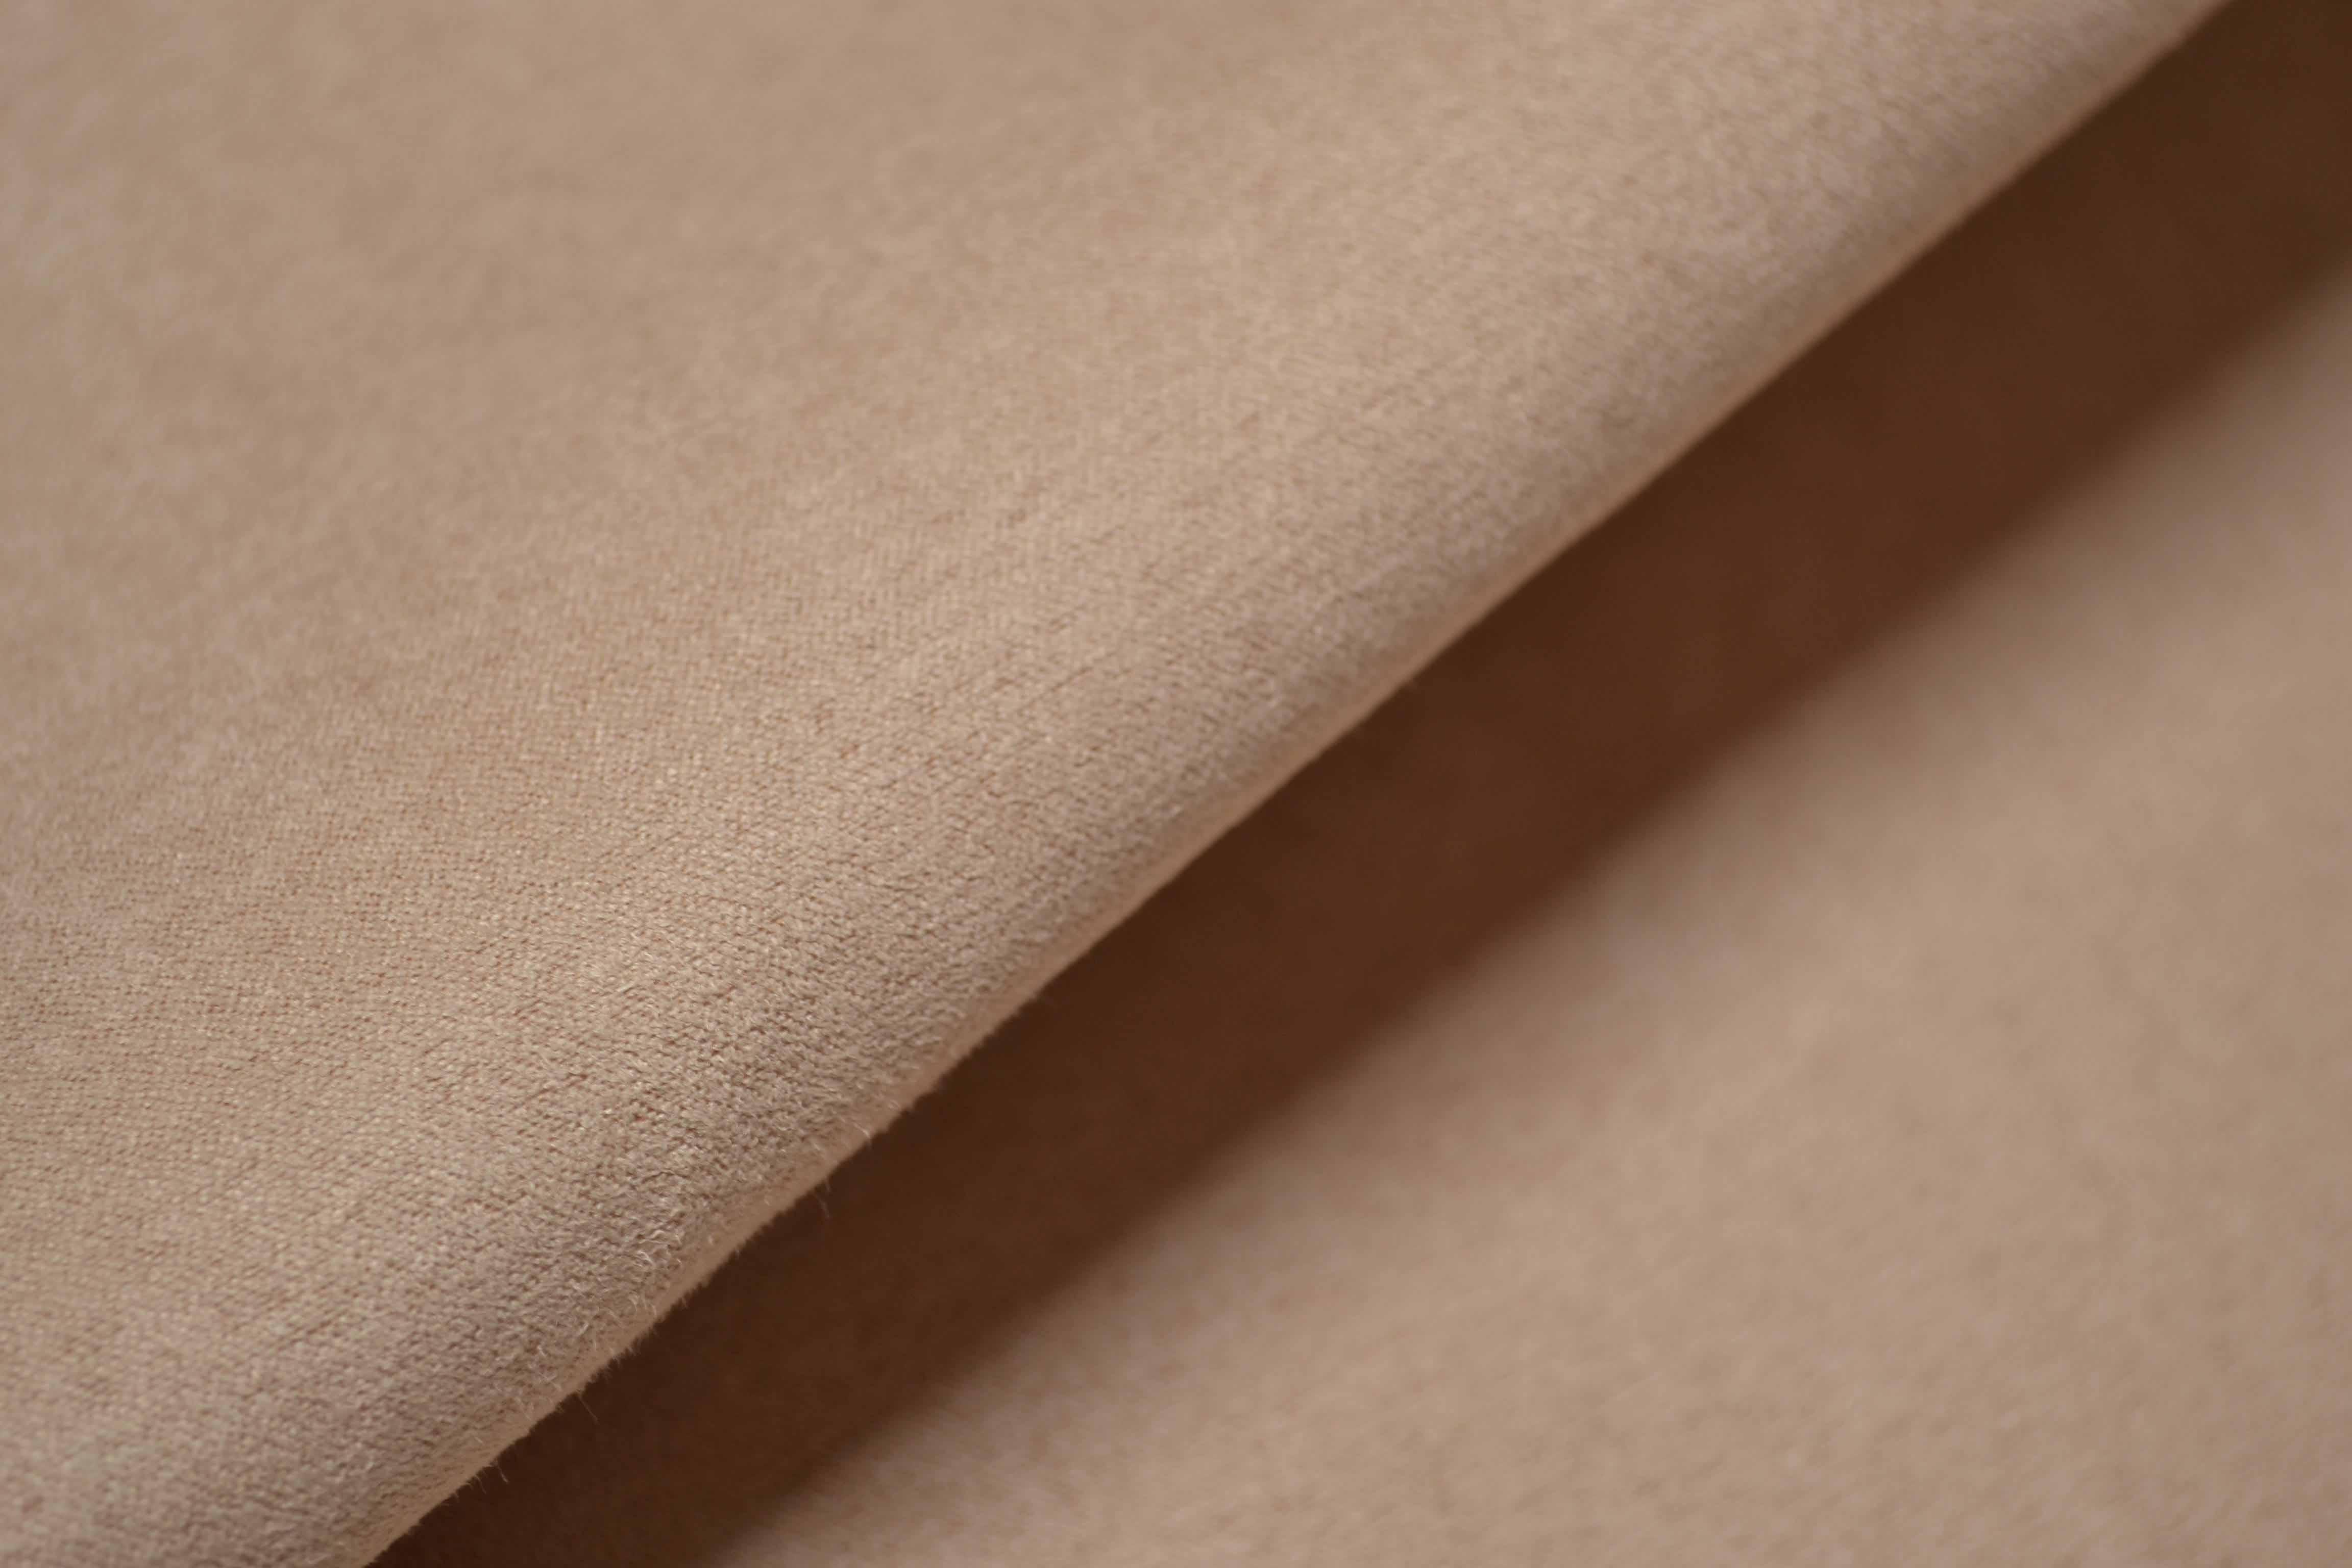 tessuto-da-tappezzeria--pelle-tagliata-(imitazione)-beige